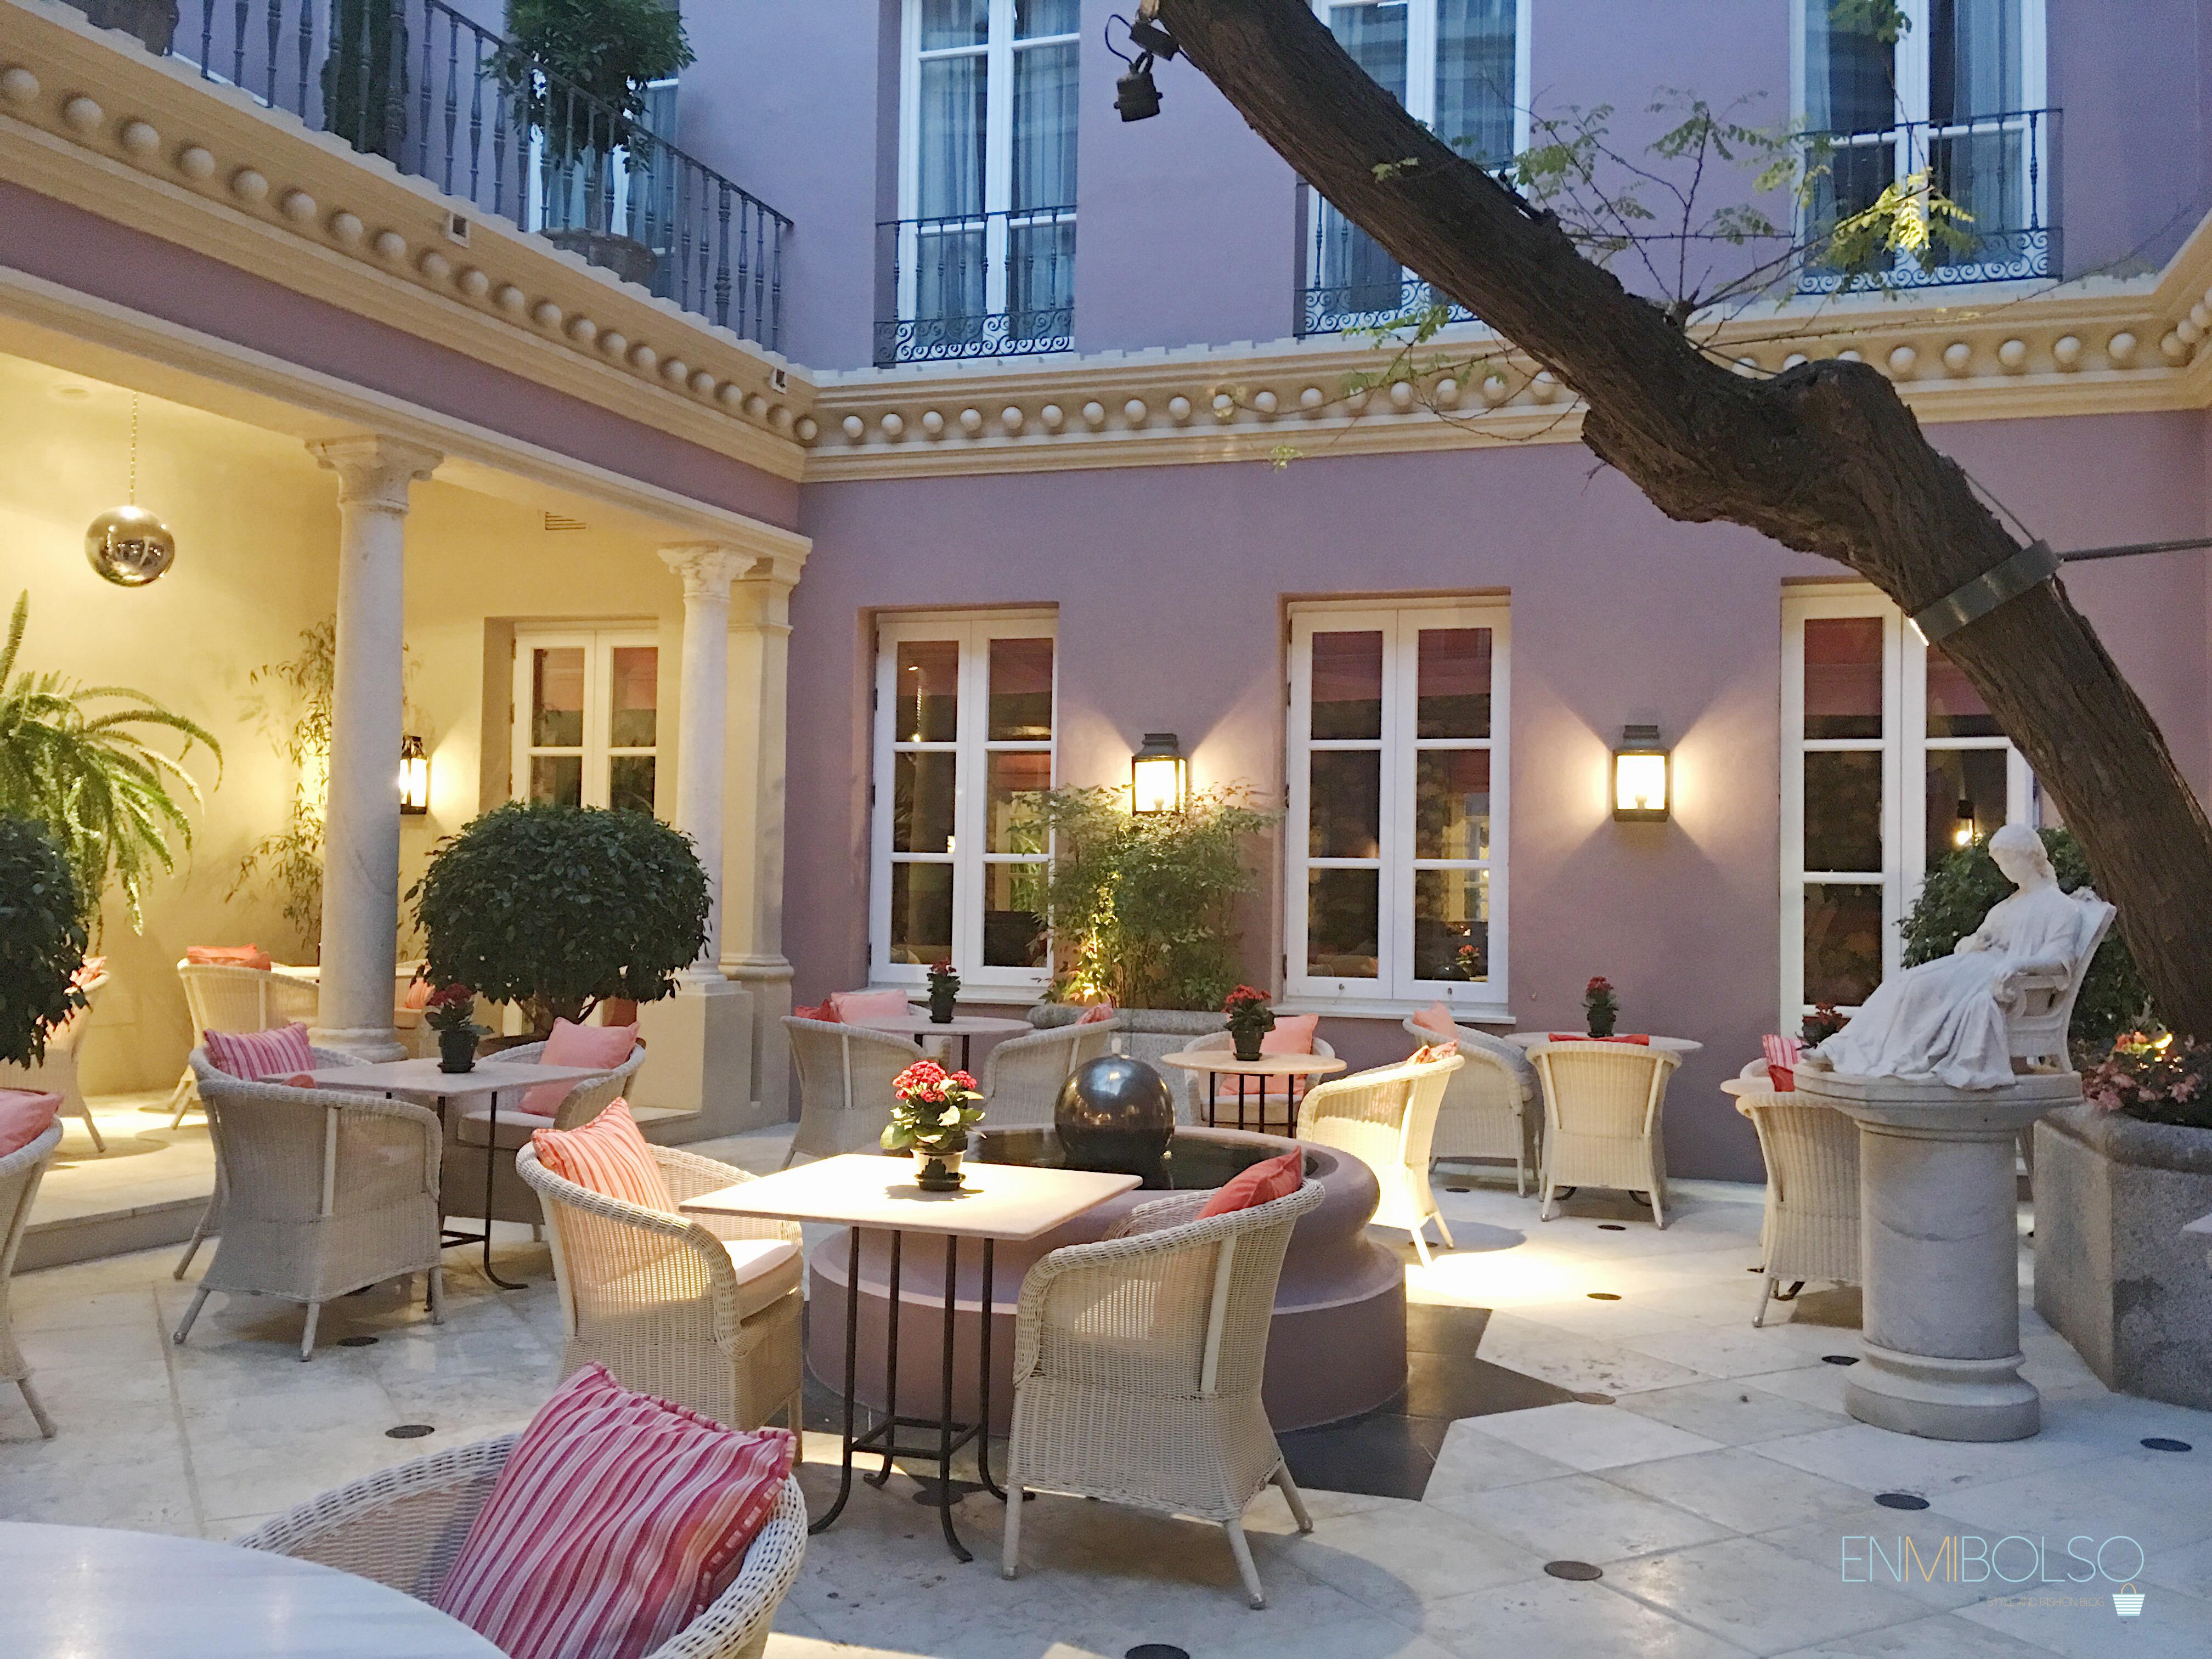 Carratraca-Hotel Villa Padierma-Patio